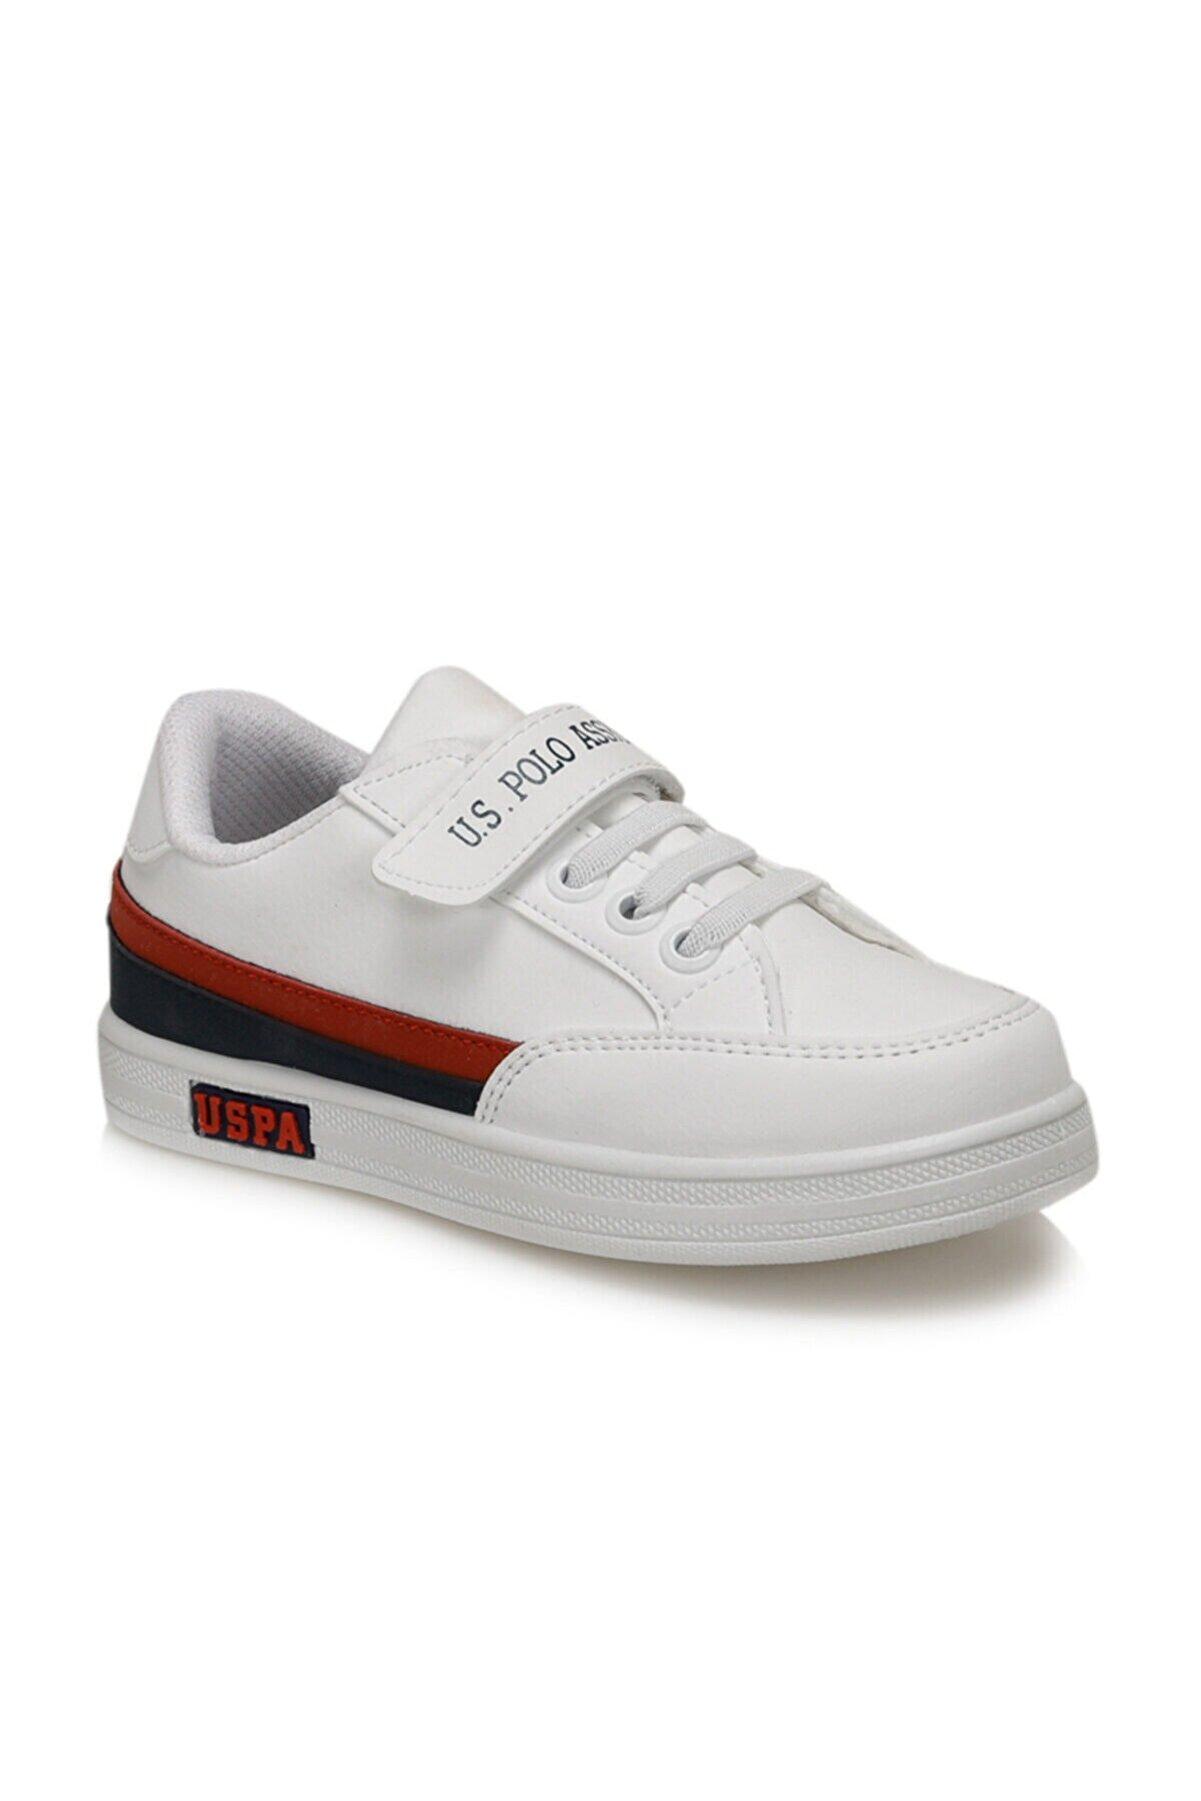 US Polo Assn JAMAL 9PR Beyaz Erkek Çocuk Sneaker Ayakkabı 100429395